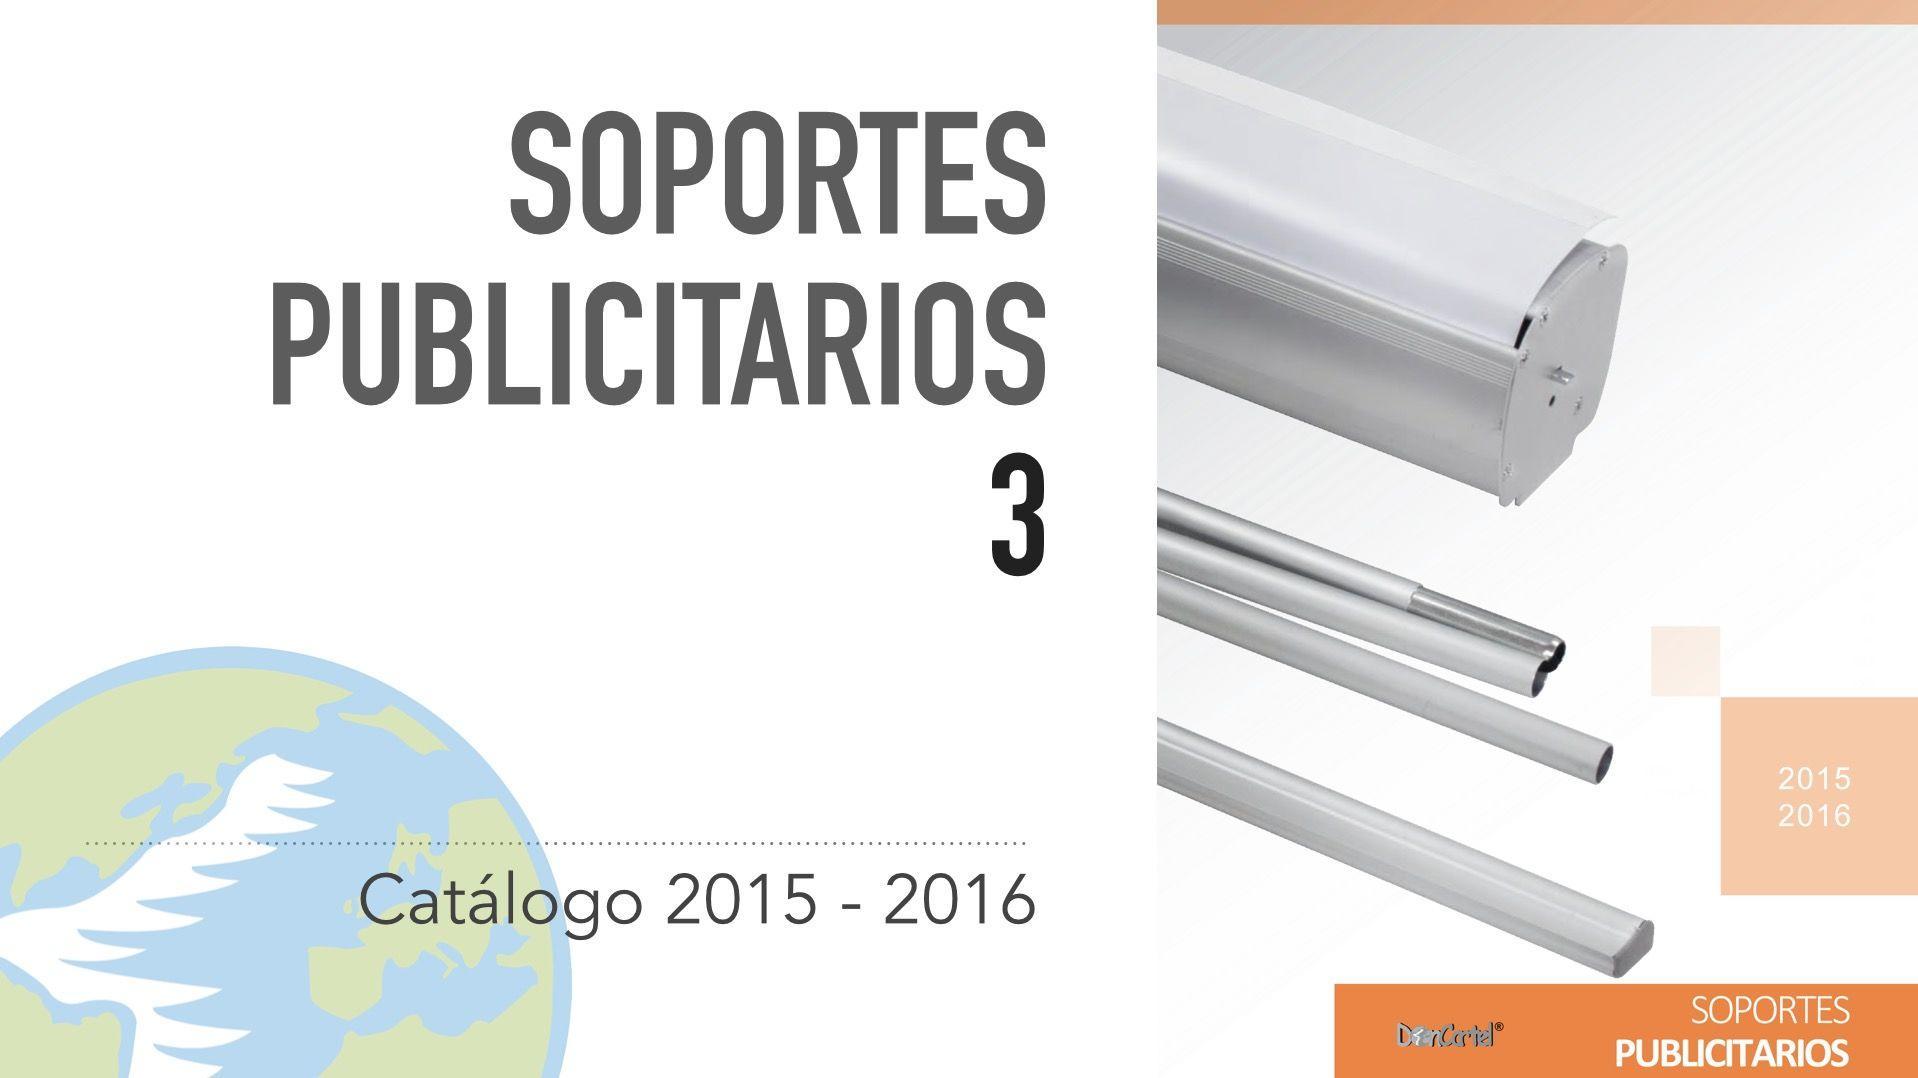 SoportSoportes Publicitarios 3 nuevo video catálogo